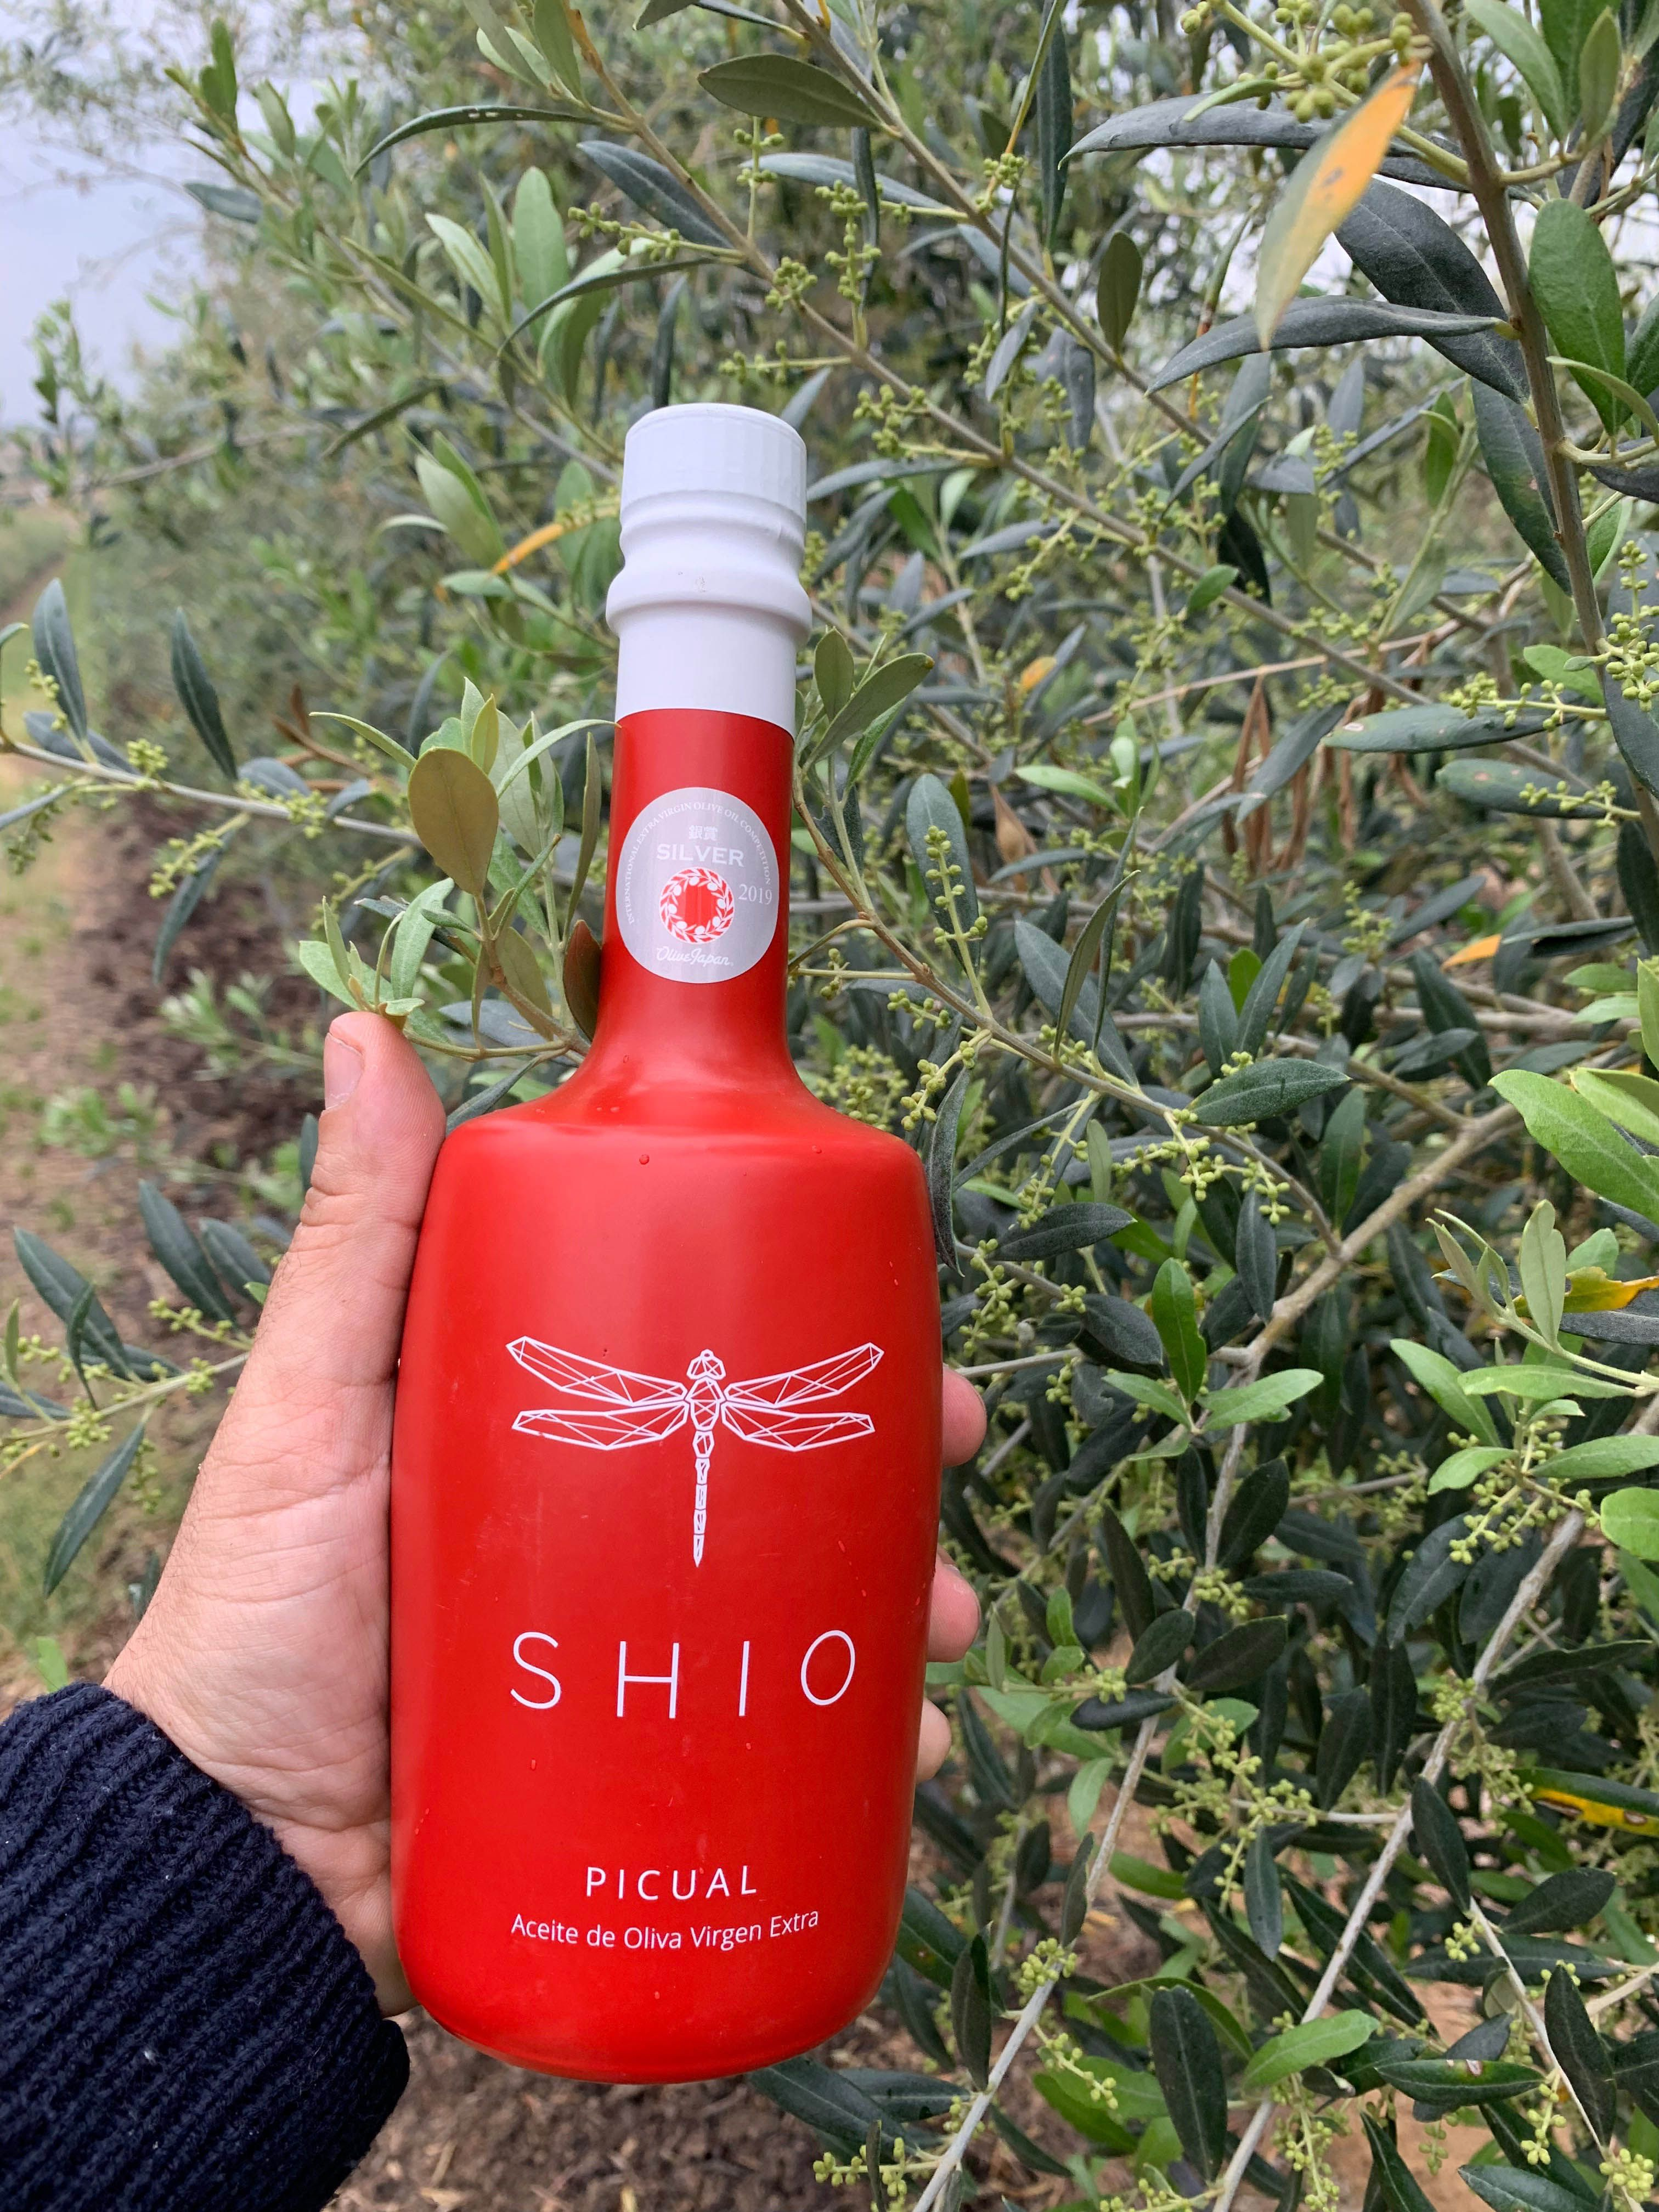 AOVE SHIO, única empresa aragonesa de aceite premiada con una medalla de plata en el prestigioso concurso Olive Japan